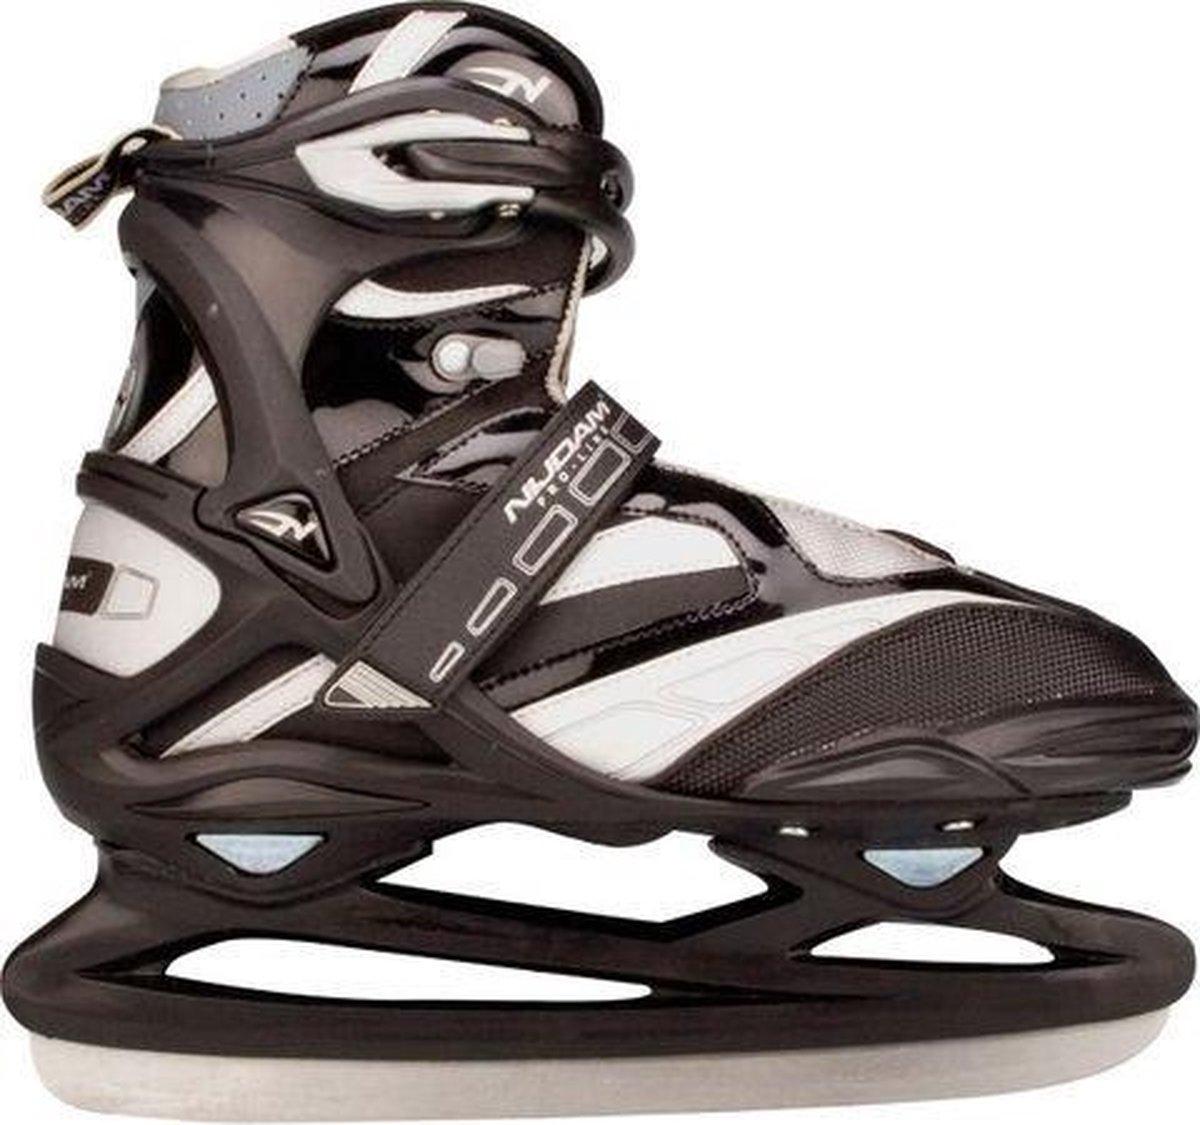 3382 Pro Line IJshockeyschaats - Schaatsen - Unisex - Volwassenen - Zwart/Zilver - Maat 46